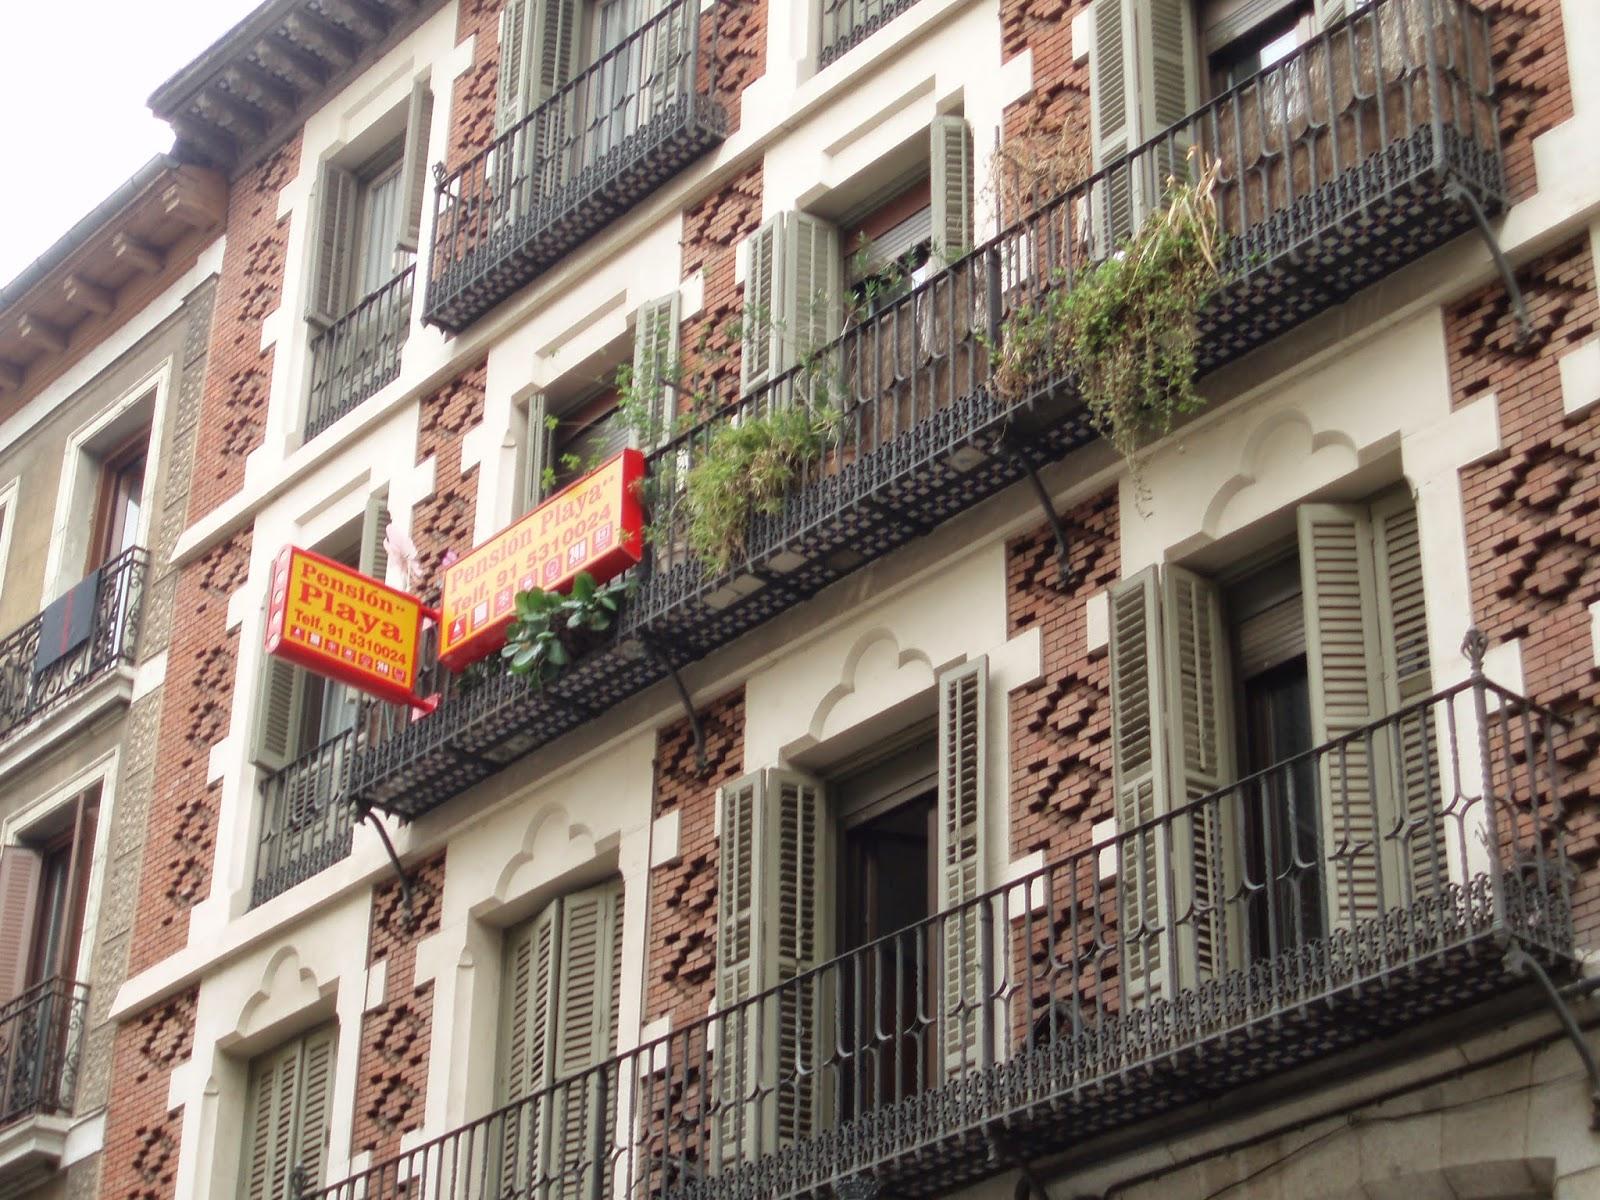 CarretasManuelblas Callejero 15Calle madrid Insólito Madrid De 1c5ulFJTK3